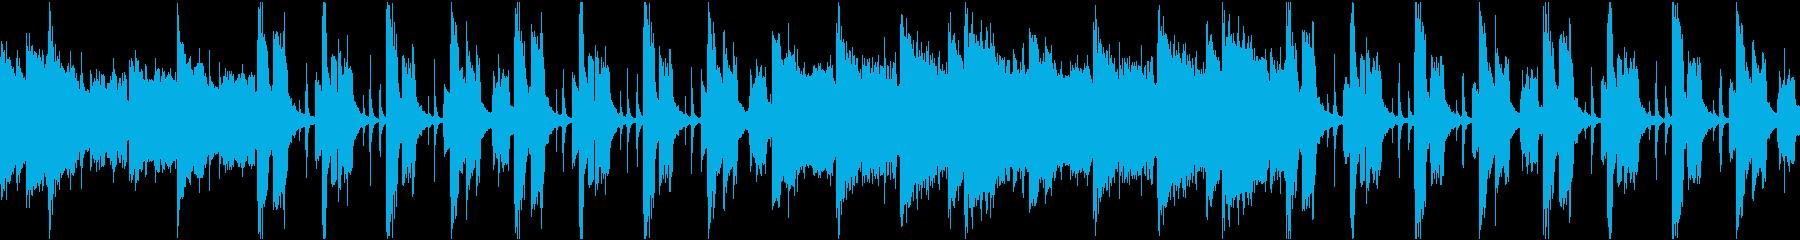 ゆったりコミカル/静かめカラオケ/ループの再生済みの波形